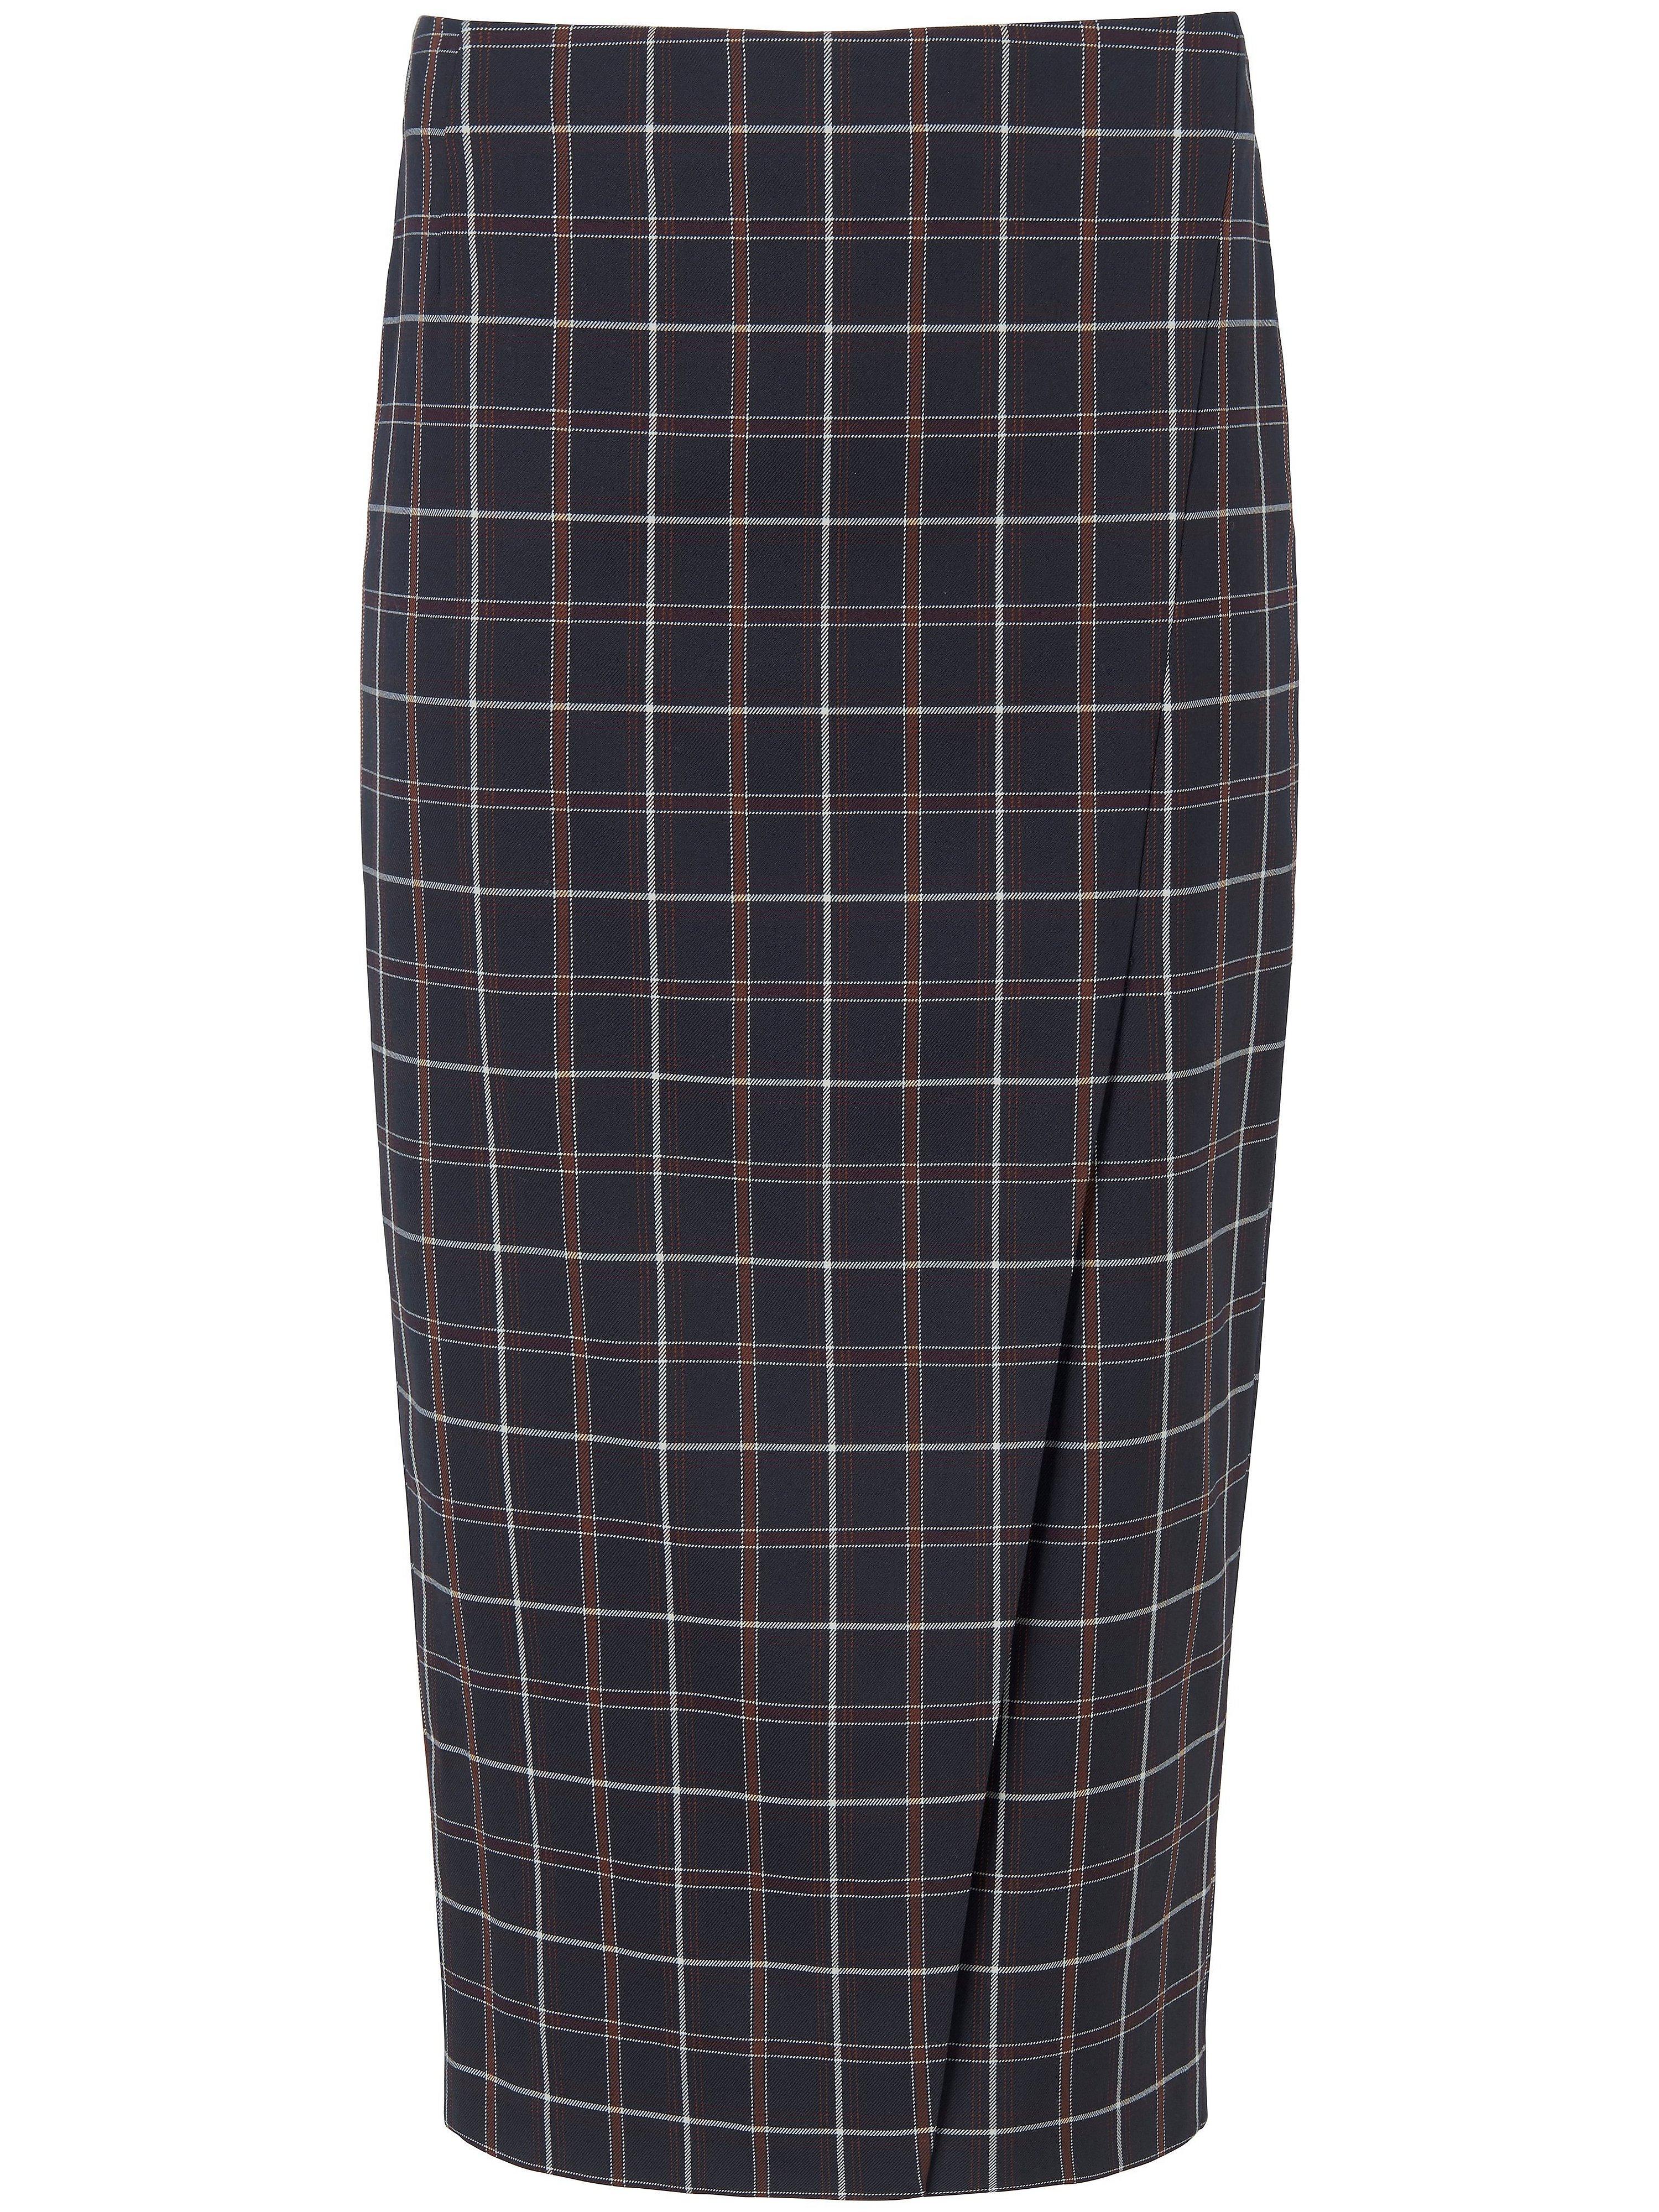 La jupe  Strenesse multicolore taille 46